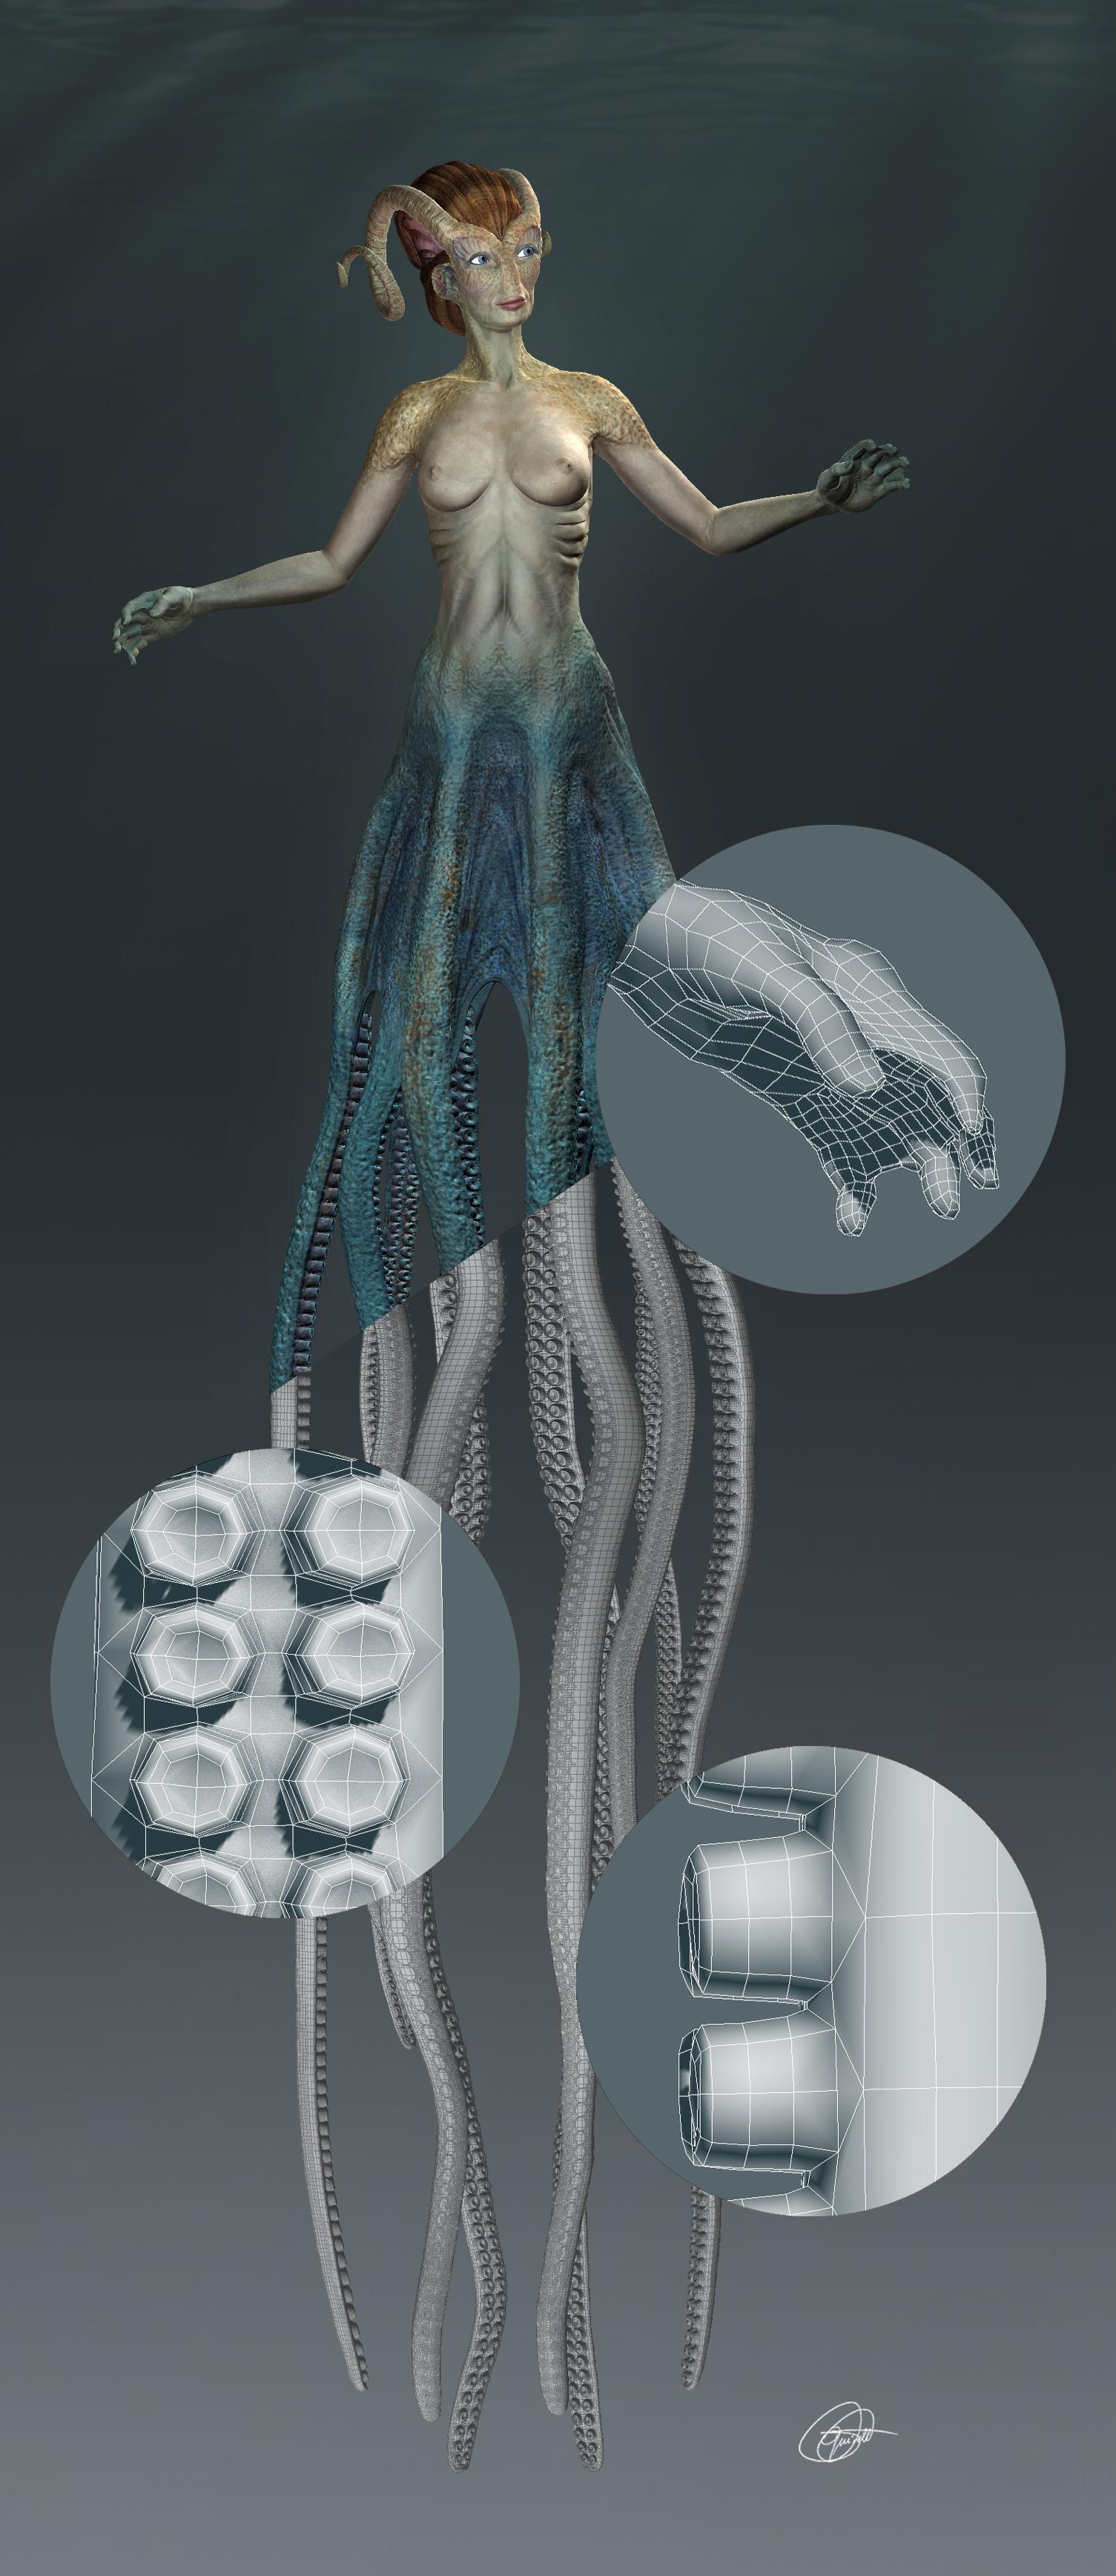 Proyecto Cecaelia. Detalles de la malla en baja : manos, tentáculos y chupones. Creado con 3dmax, zbrush, mudbox, uvlayout.